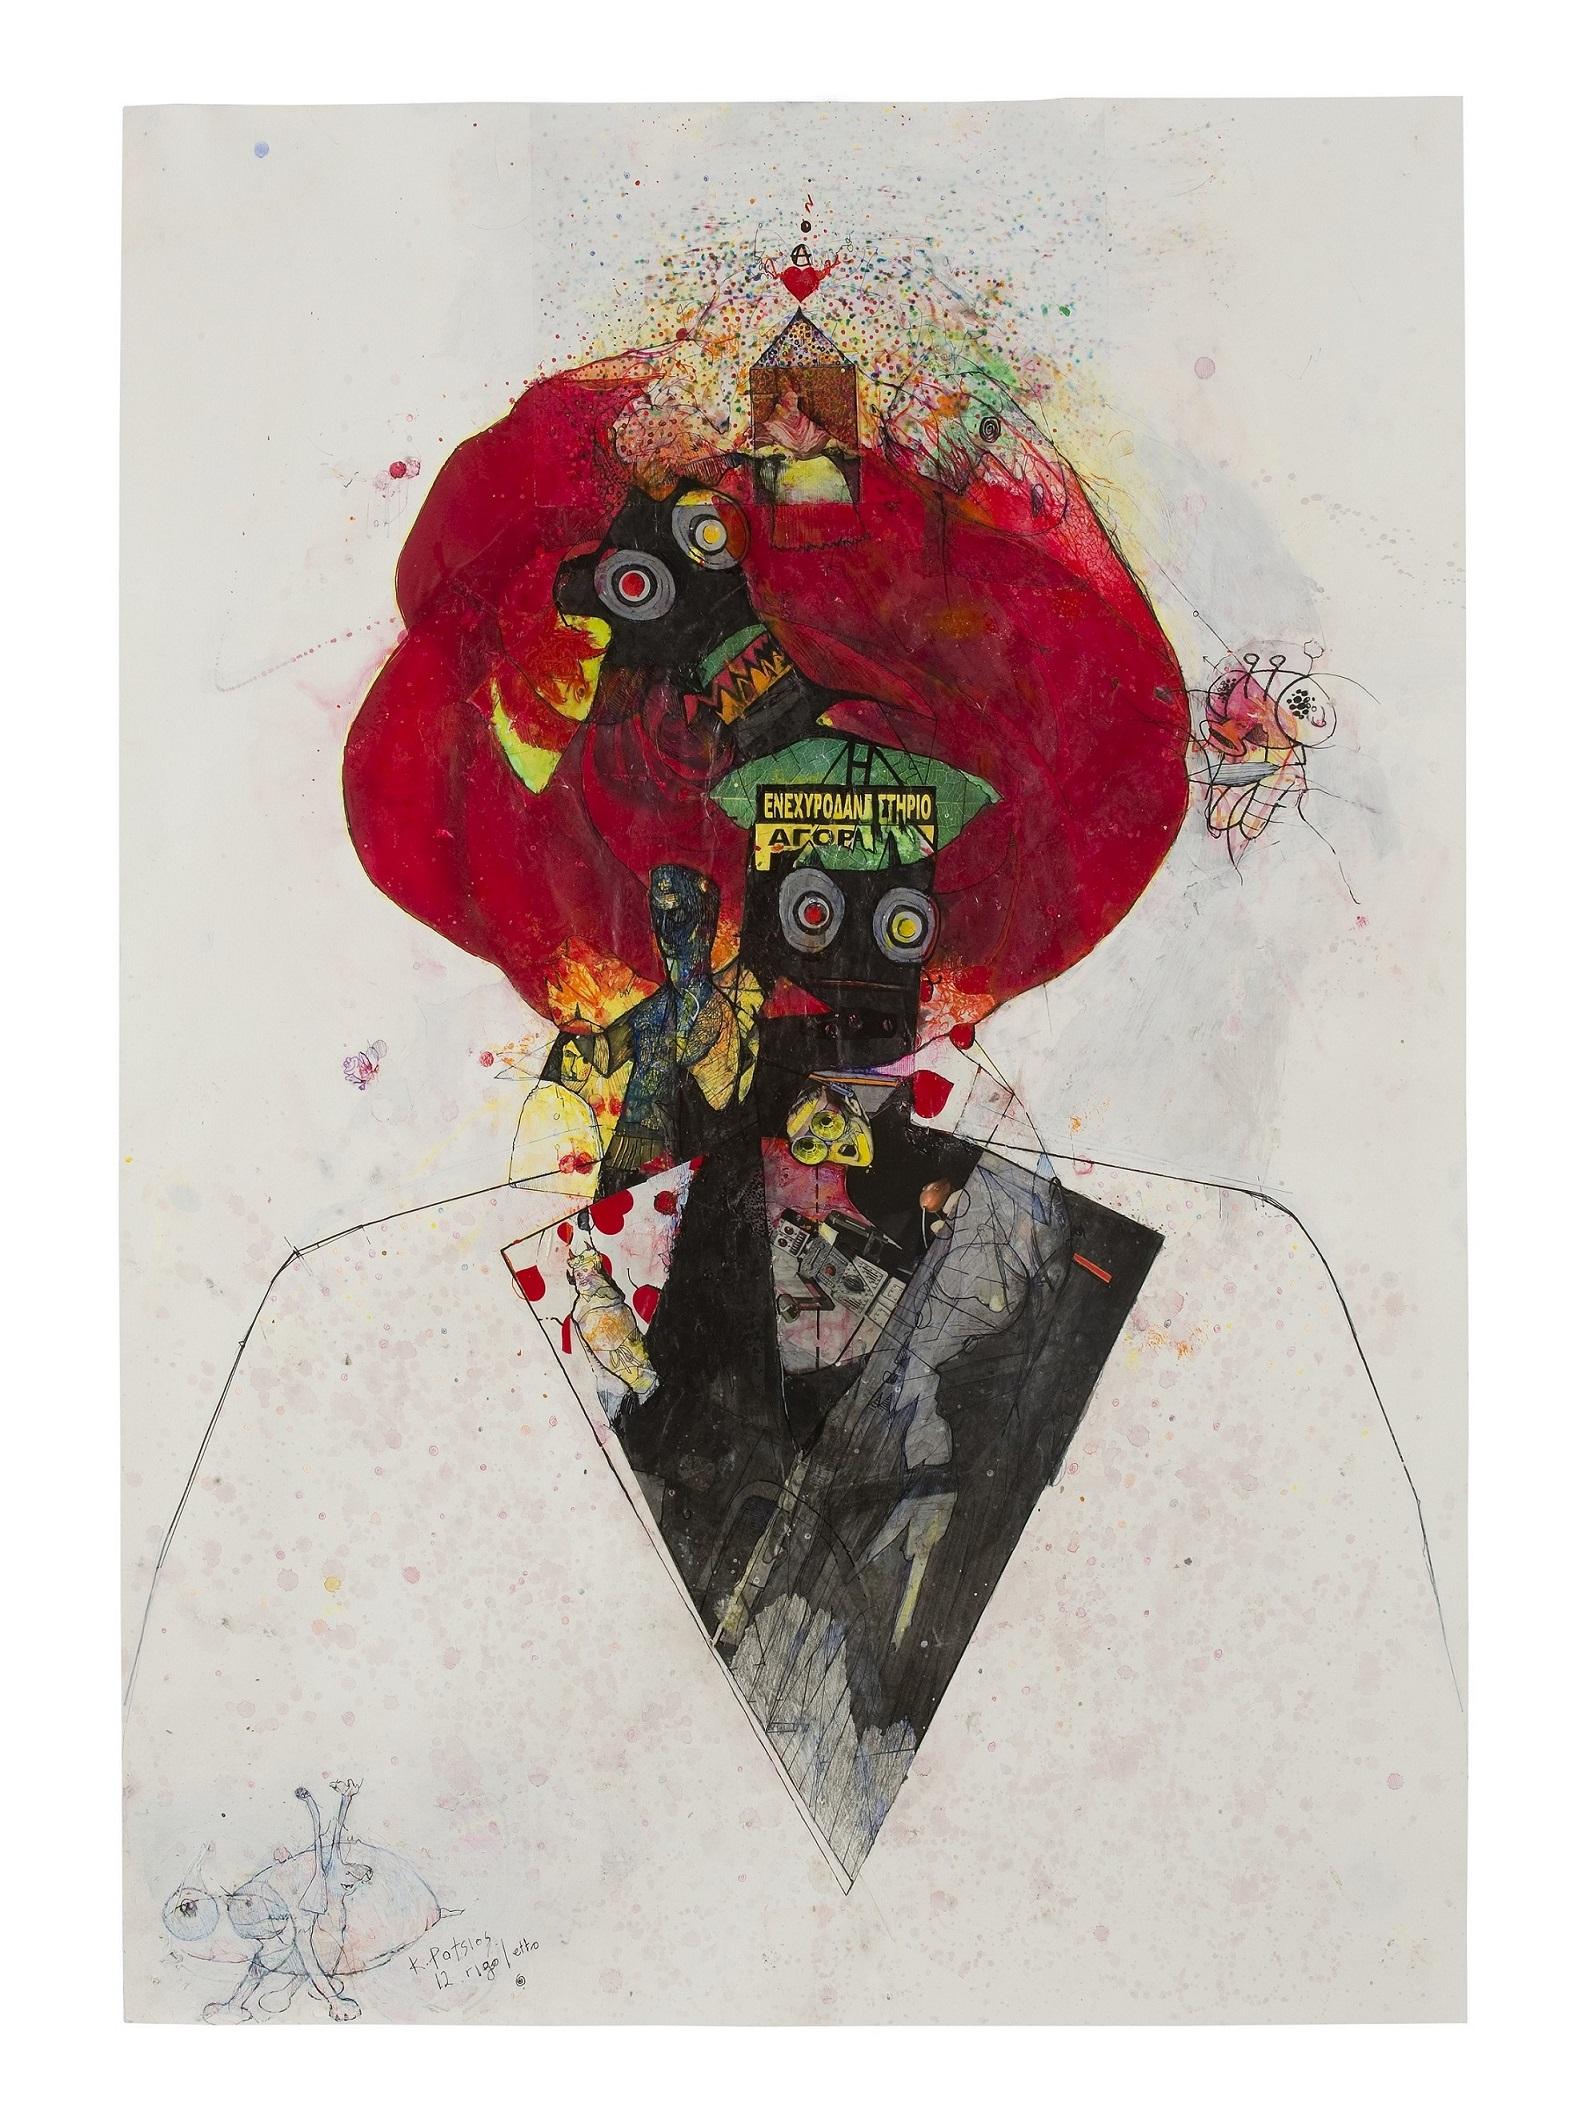 Κωνσταντίνος Πάτσιος, Μέσα στη σύγχυση της φυγής ,70x100cm,mixed media on paper, 2015